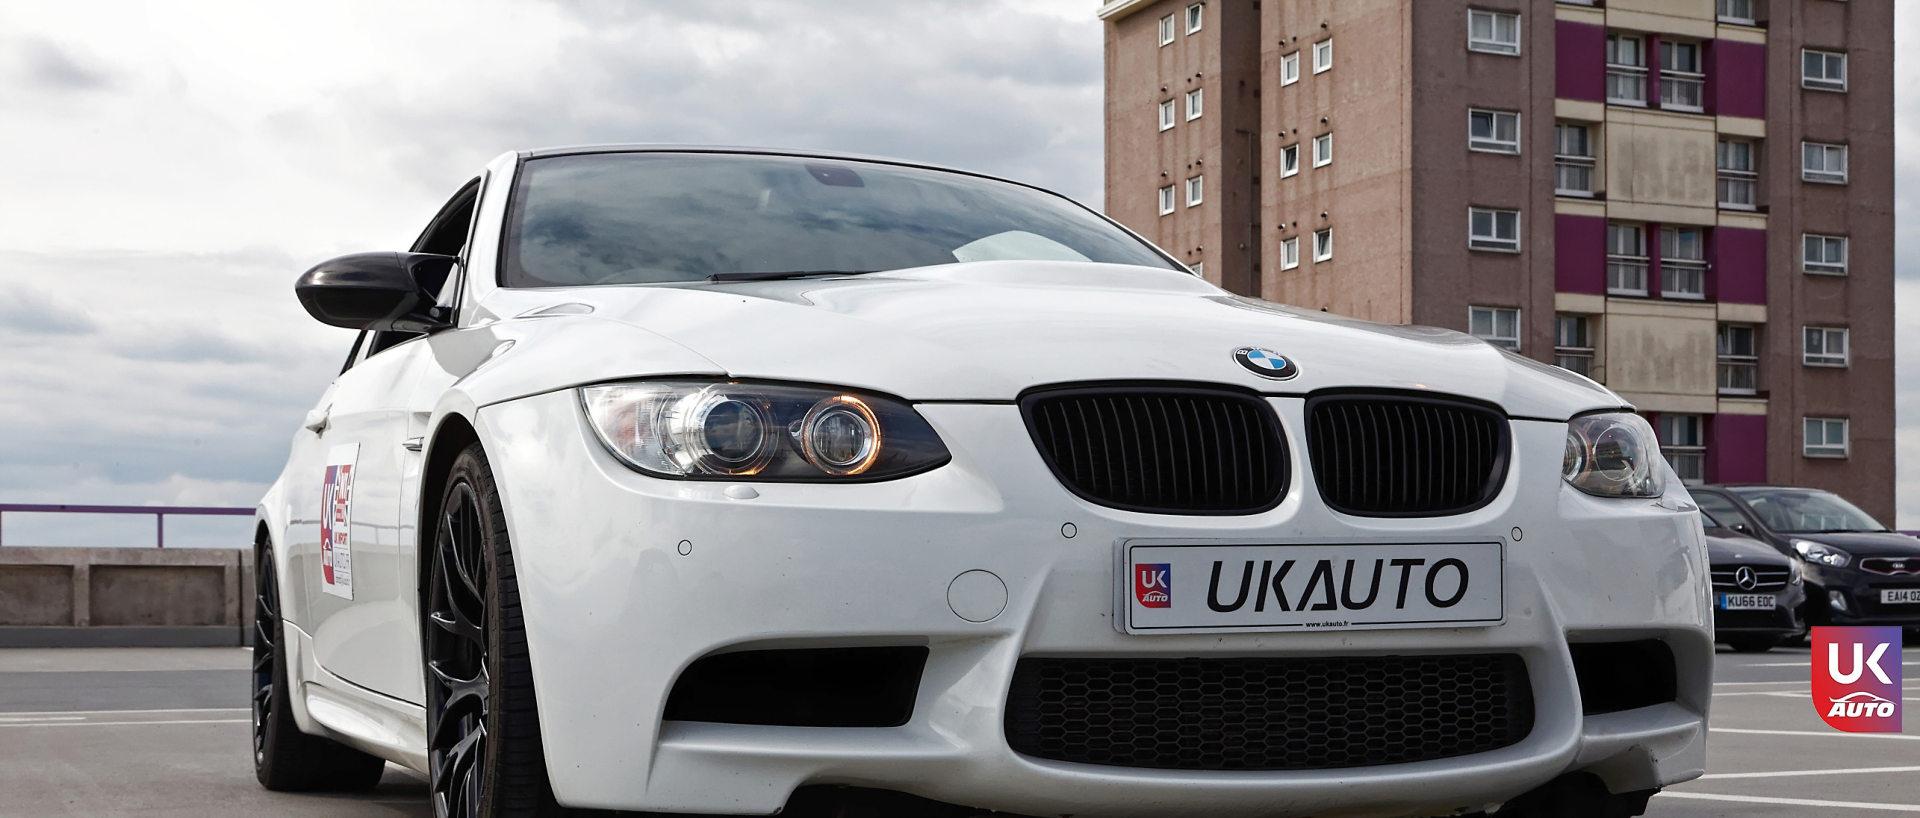 bmw m3 e92 v8 pack competition importateur bmw uk bmw angleterre m3 import uk ukauto mandataire12 DxO - IMPORTATION BMW M3 COMPETITION E92 V8 LEBONCOIN ANGLETERRE IMPORT UKAUTO FELICITATION A AUGUSTE CLIENT UKAUTO